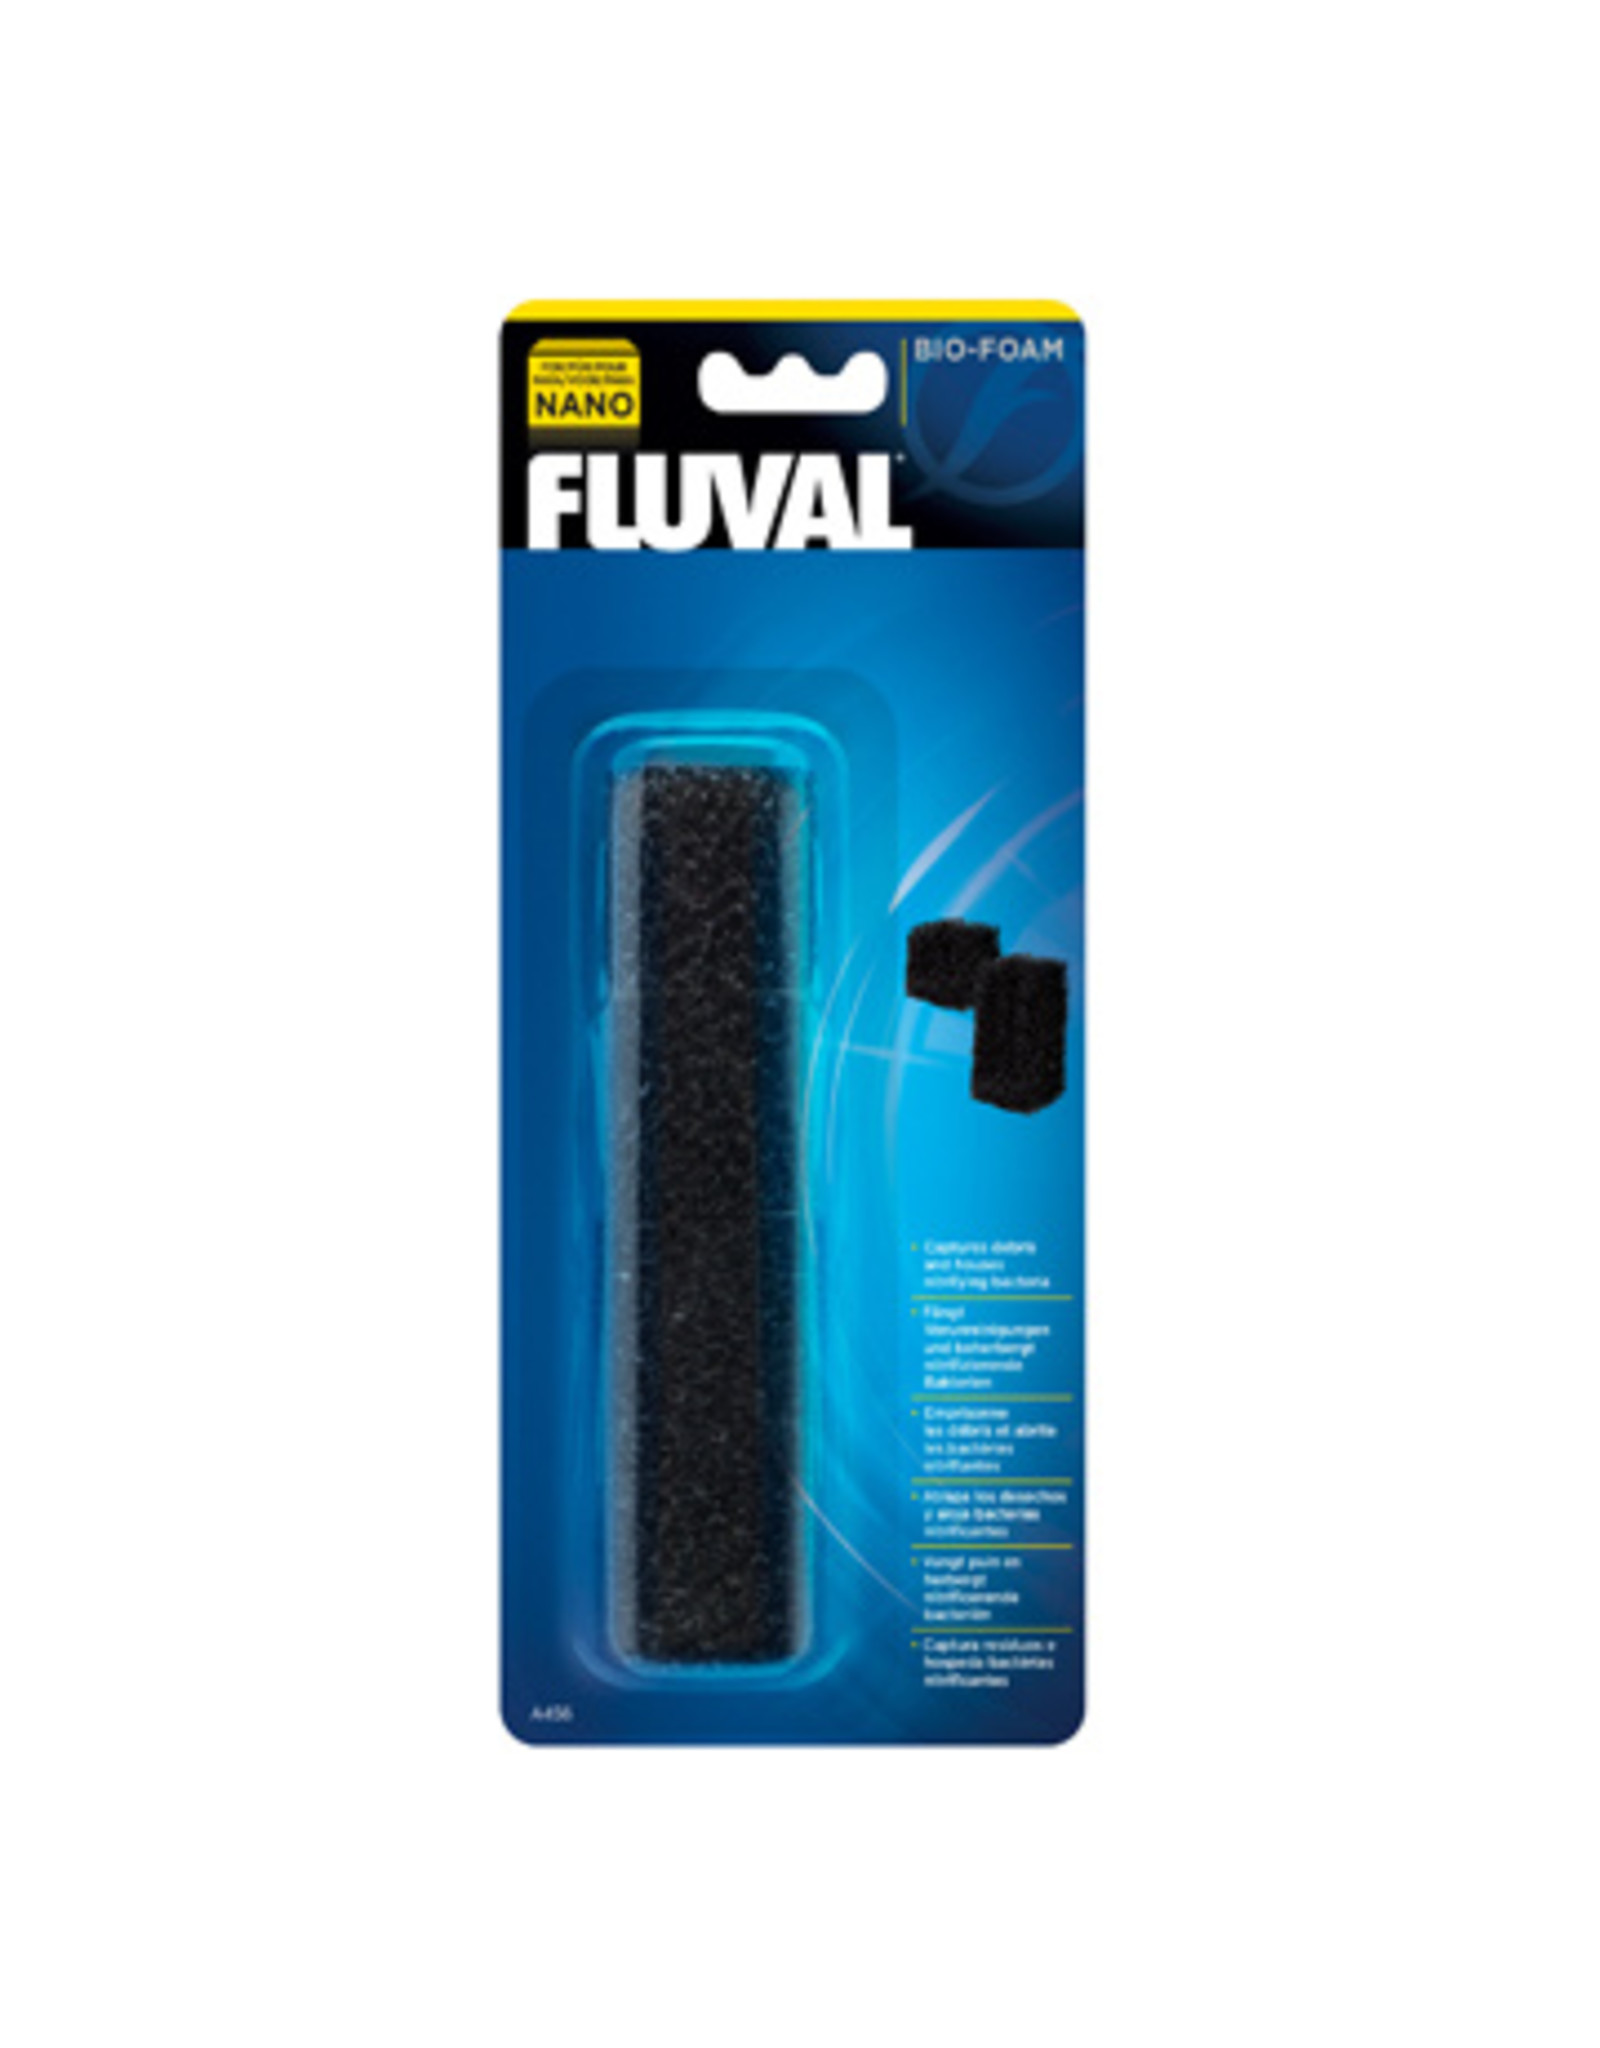 Fluval FLUVAL Nano Bio-Foam